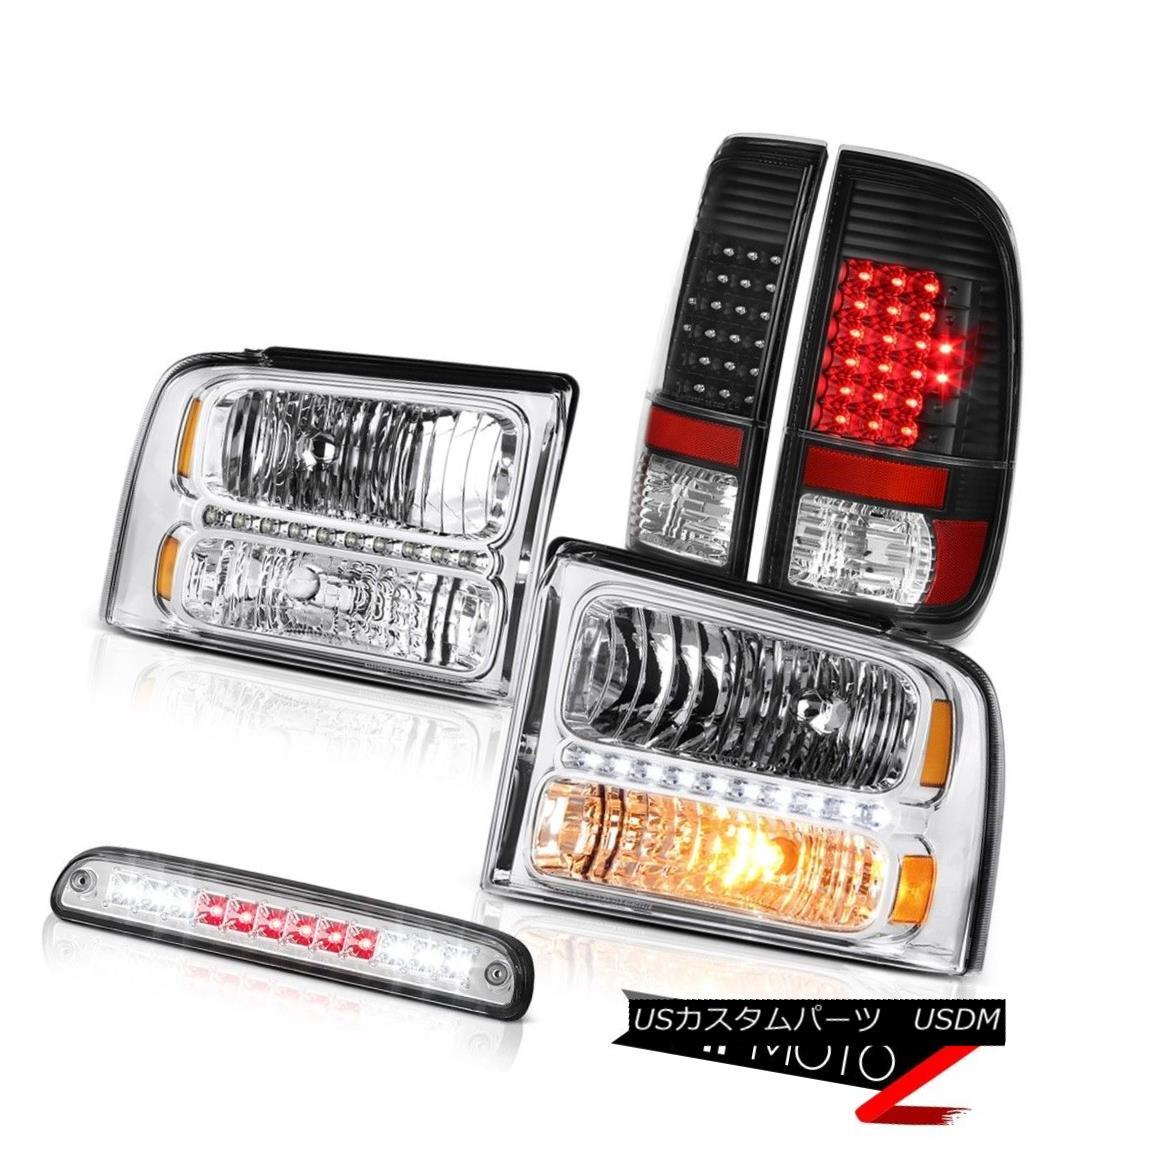 ヘッドライト 2005-2007 F250 XL Pair Clear Headlights LED Black Taillights High Stop Chrome 2005-2007 F250 XLペアクリアヘッドライトLEDブラックテールライトハイストップクローム